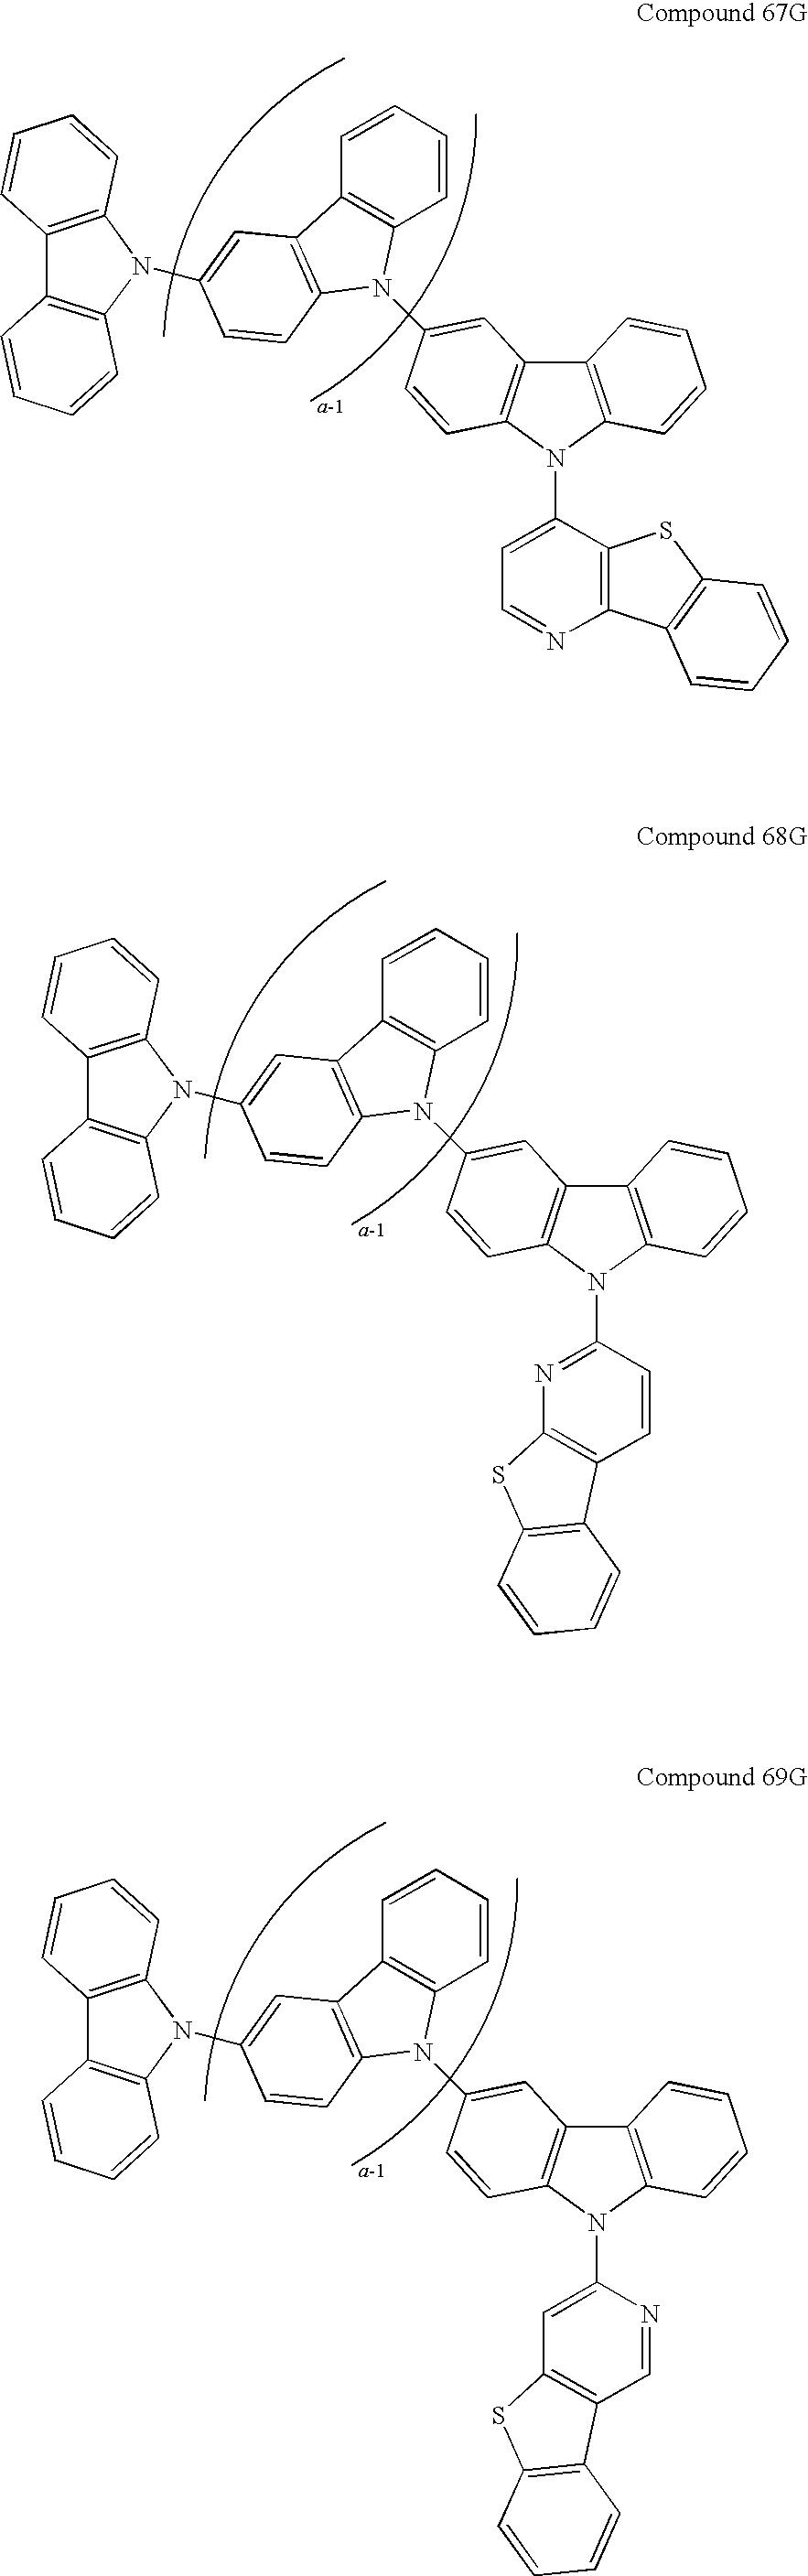 Figure US20090134784A1-20090528-C00026